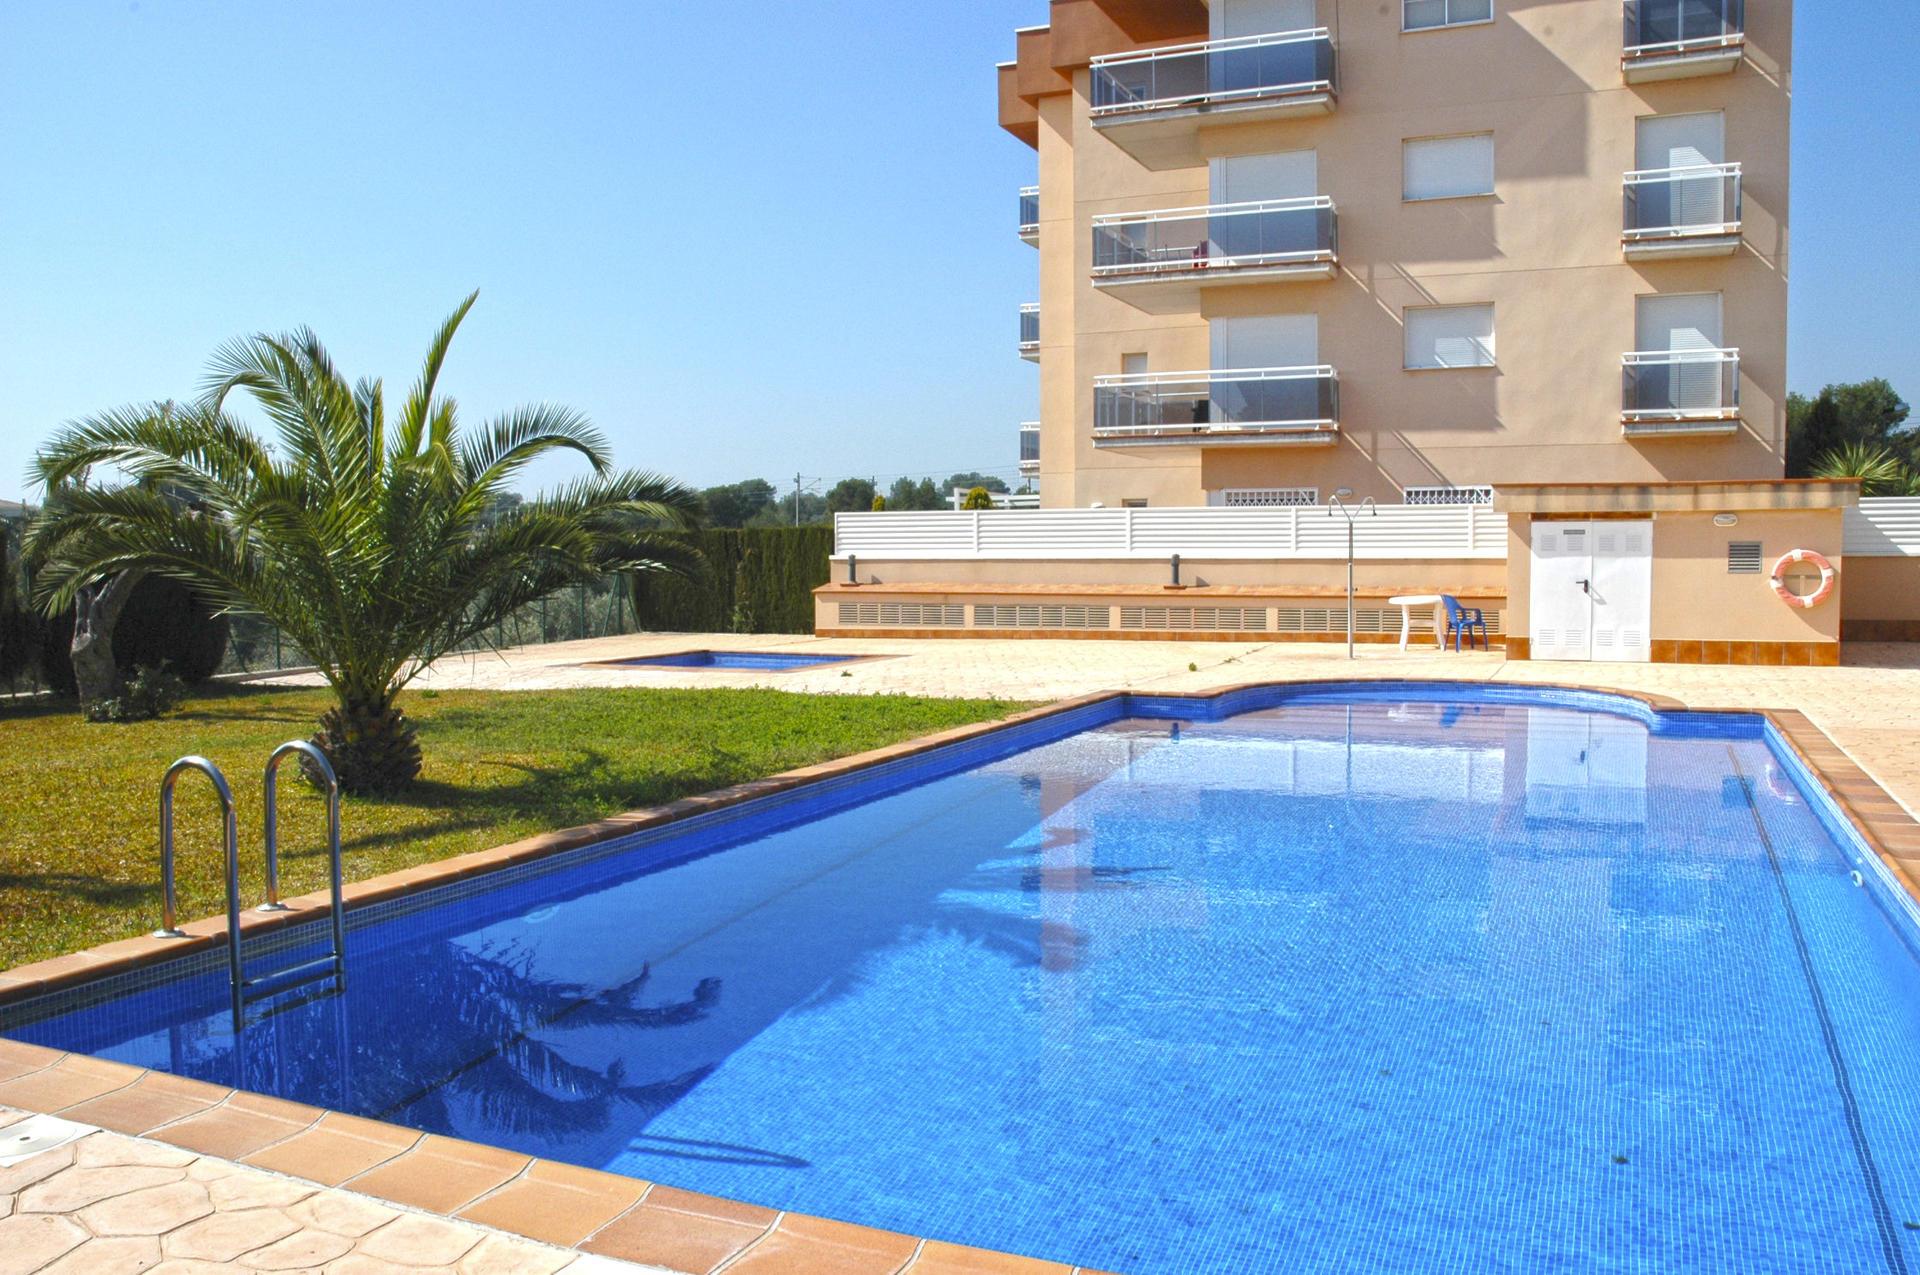 Apartament -                                       El Perelló -                                       2 dormitoris -                                       6 ocupants